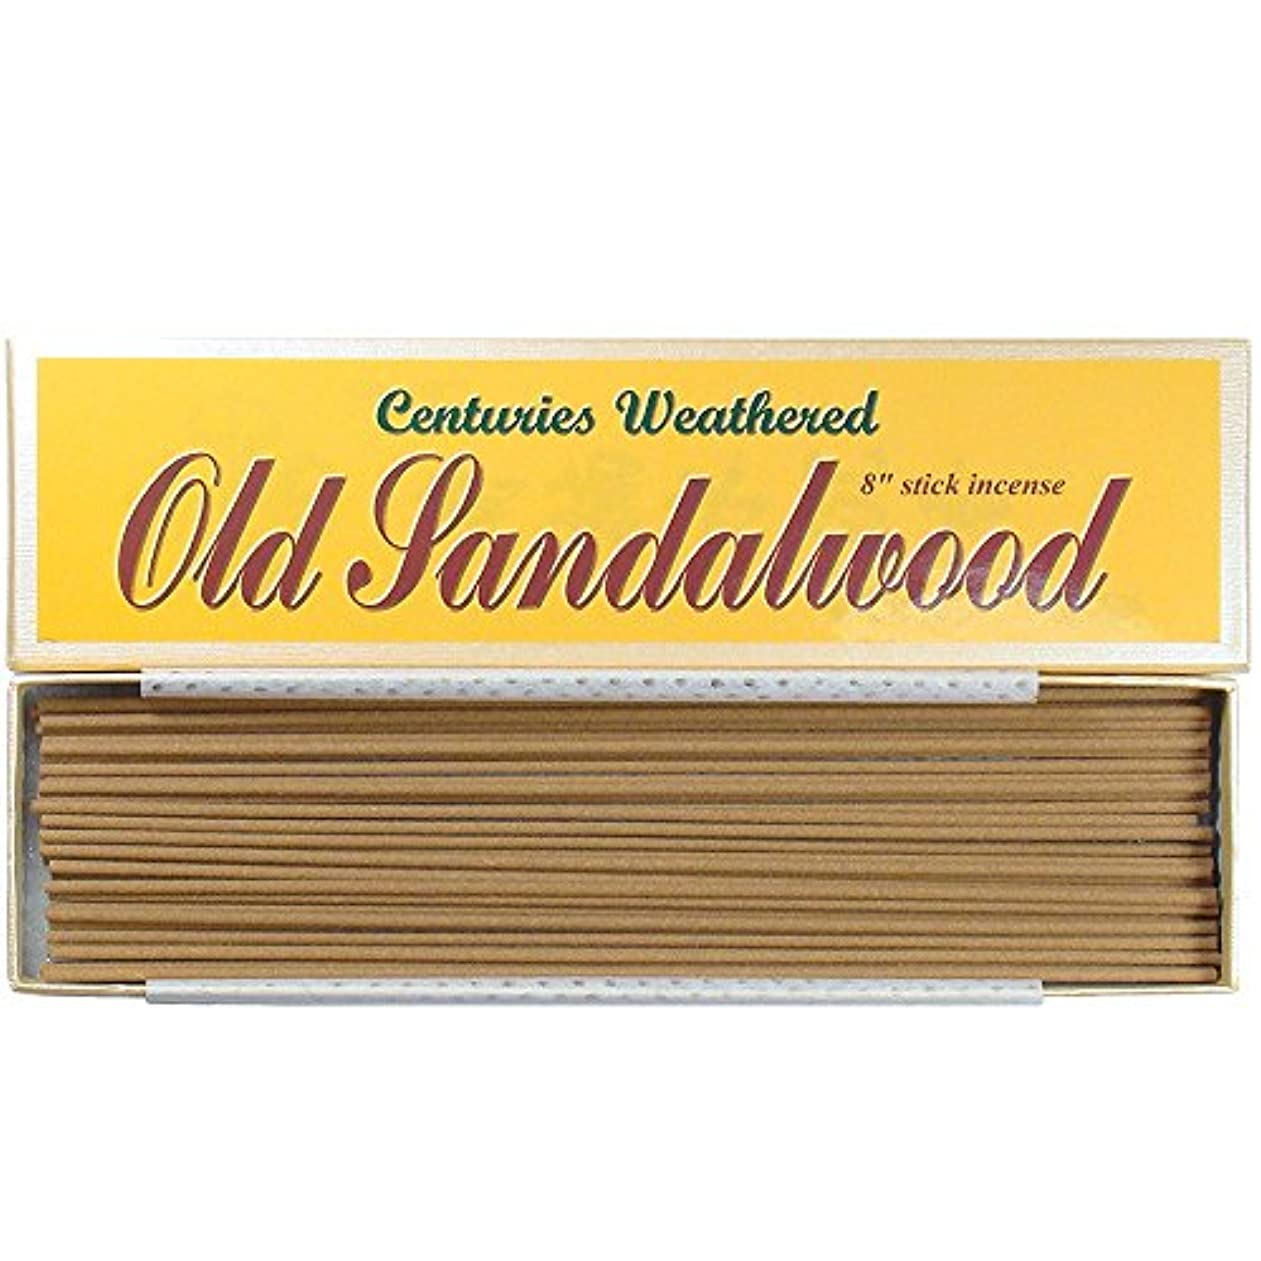 従来のマガジン良心風化何世紀もIndian古いサンダルウッド – 8